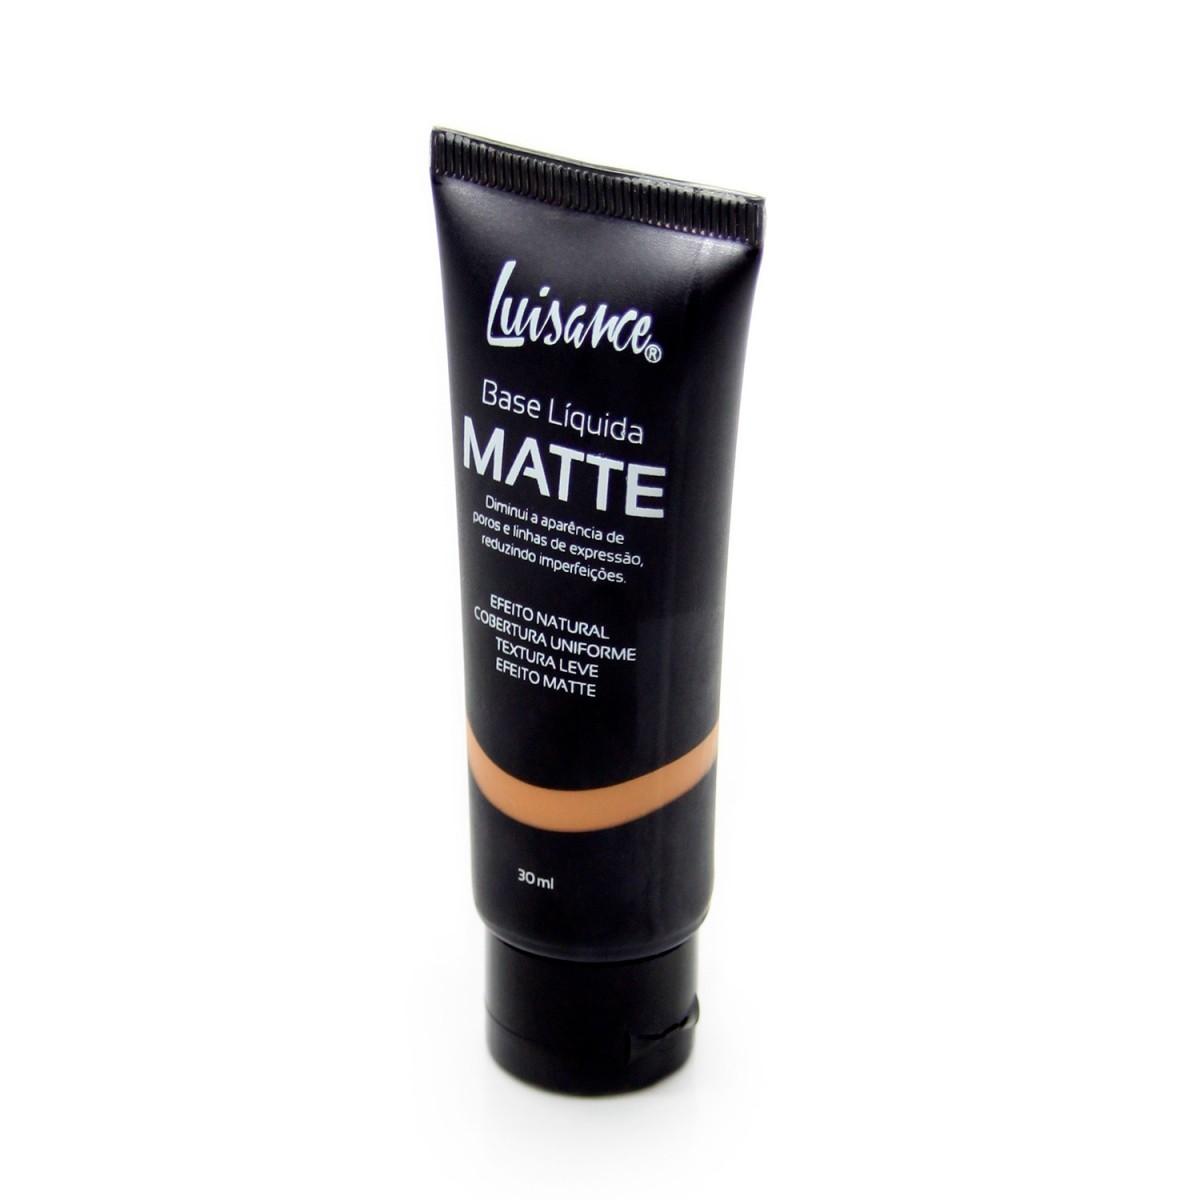 Luisance Base Líquida Matte  L5001A 30ml - Cores Claras